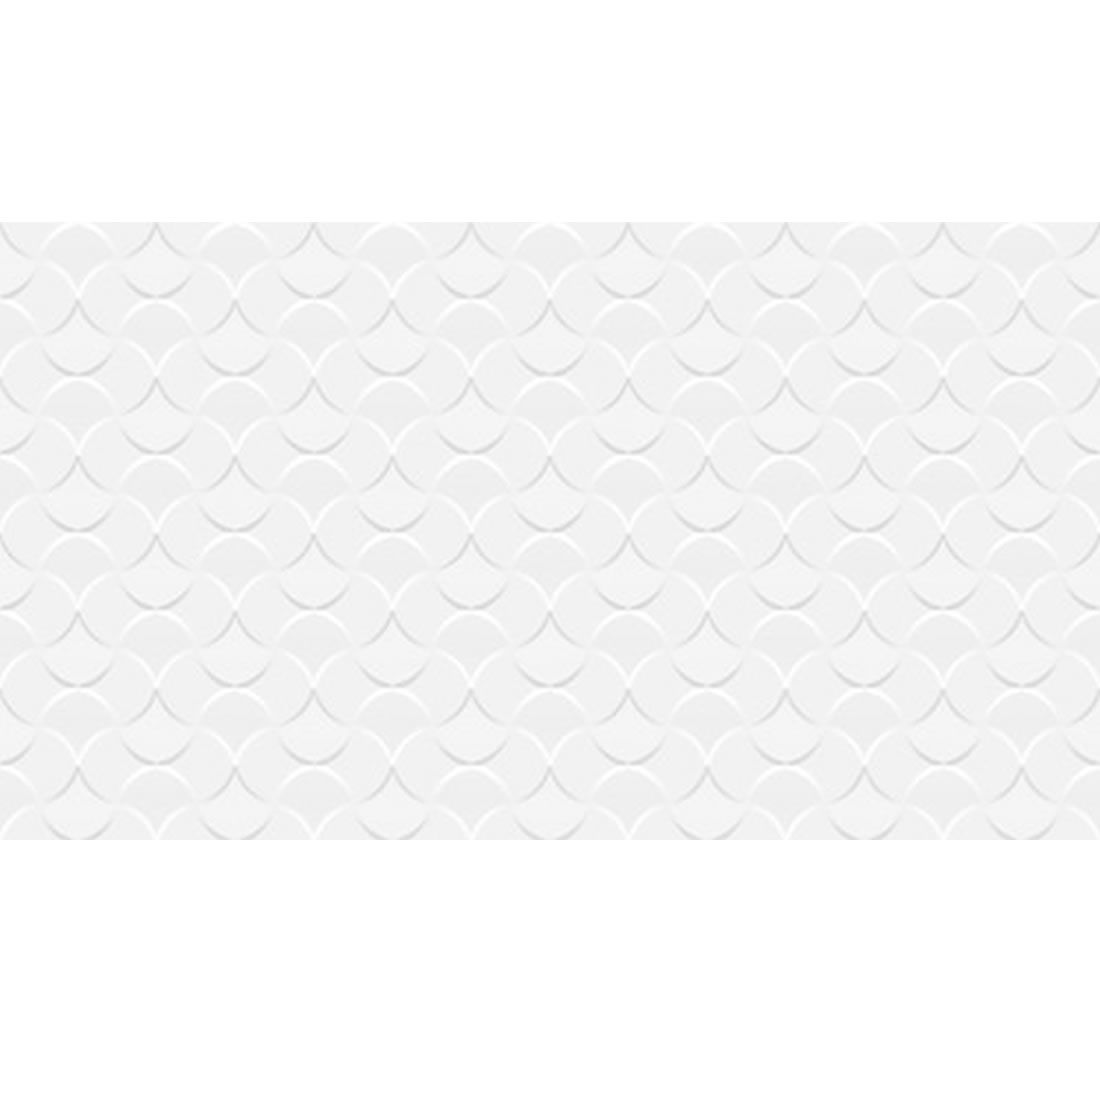 Revestimento Incopisos 32x57,5 Ref: 60126 Extra Com 2mts na Caixa